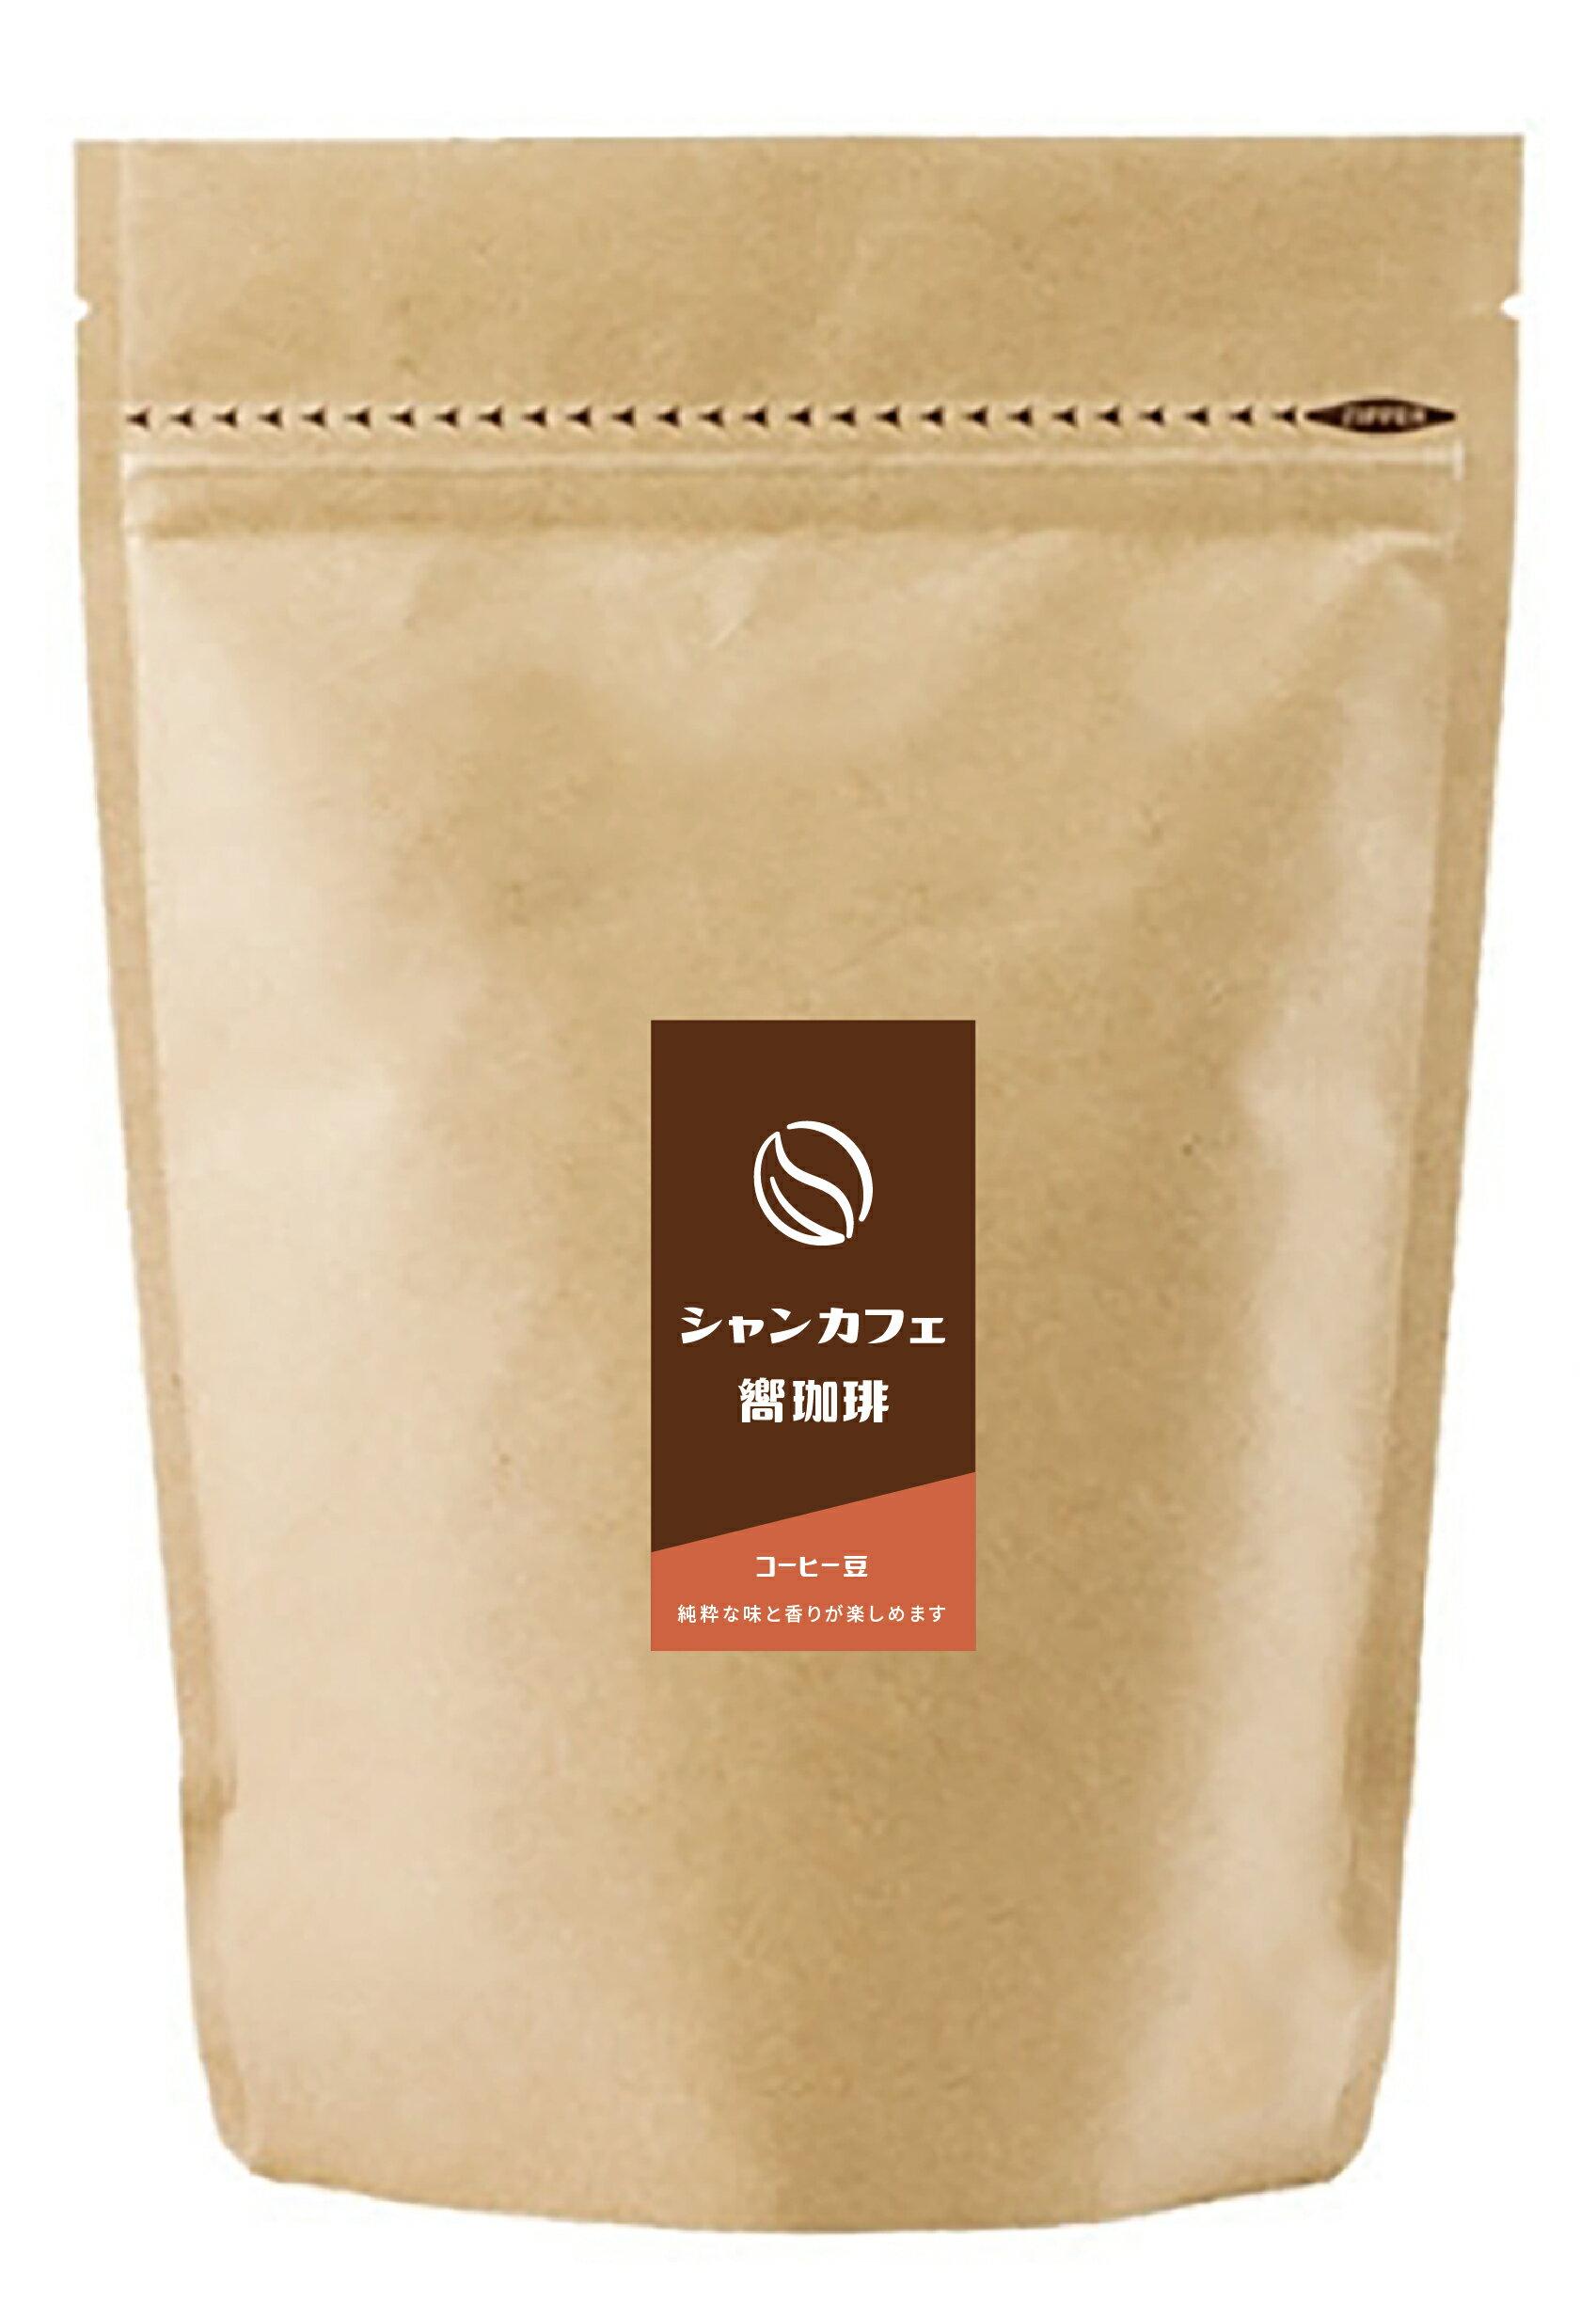 ☆衣索比亞 耶加雪菲 沃卡合作社 水洗 半磅☆嚮咖啡莊園豆